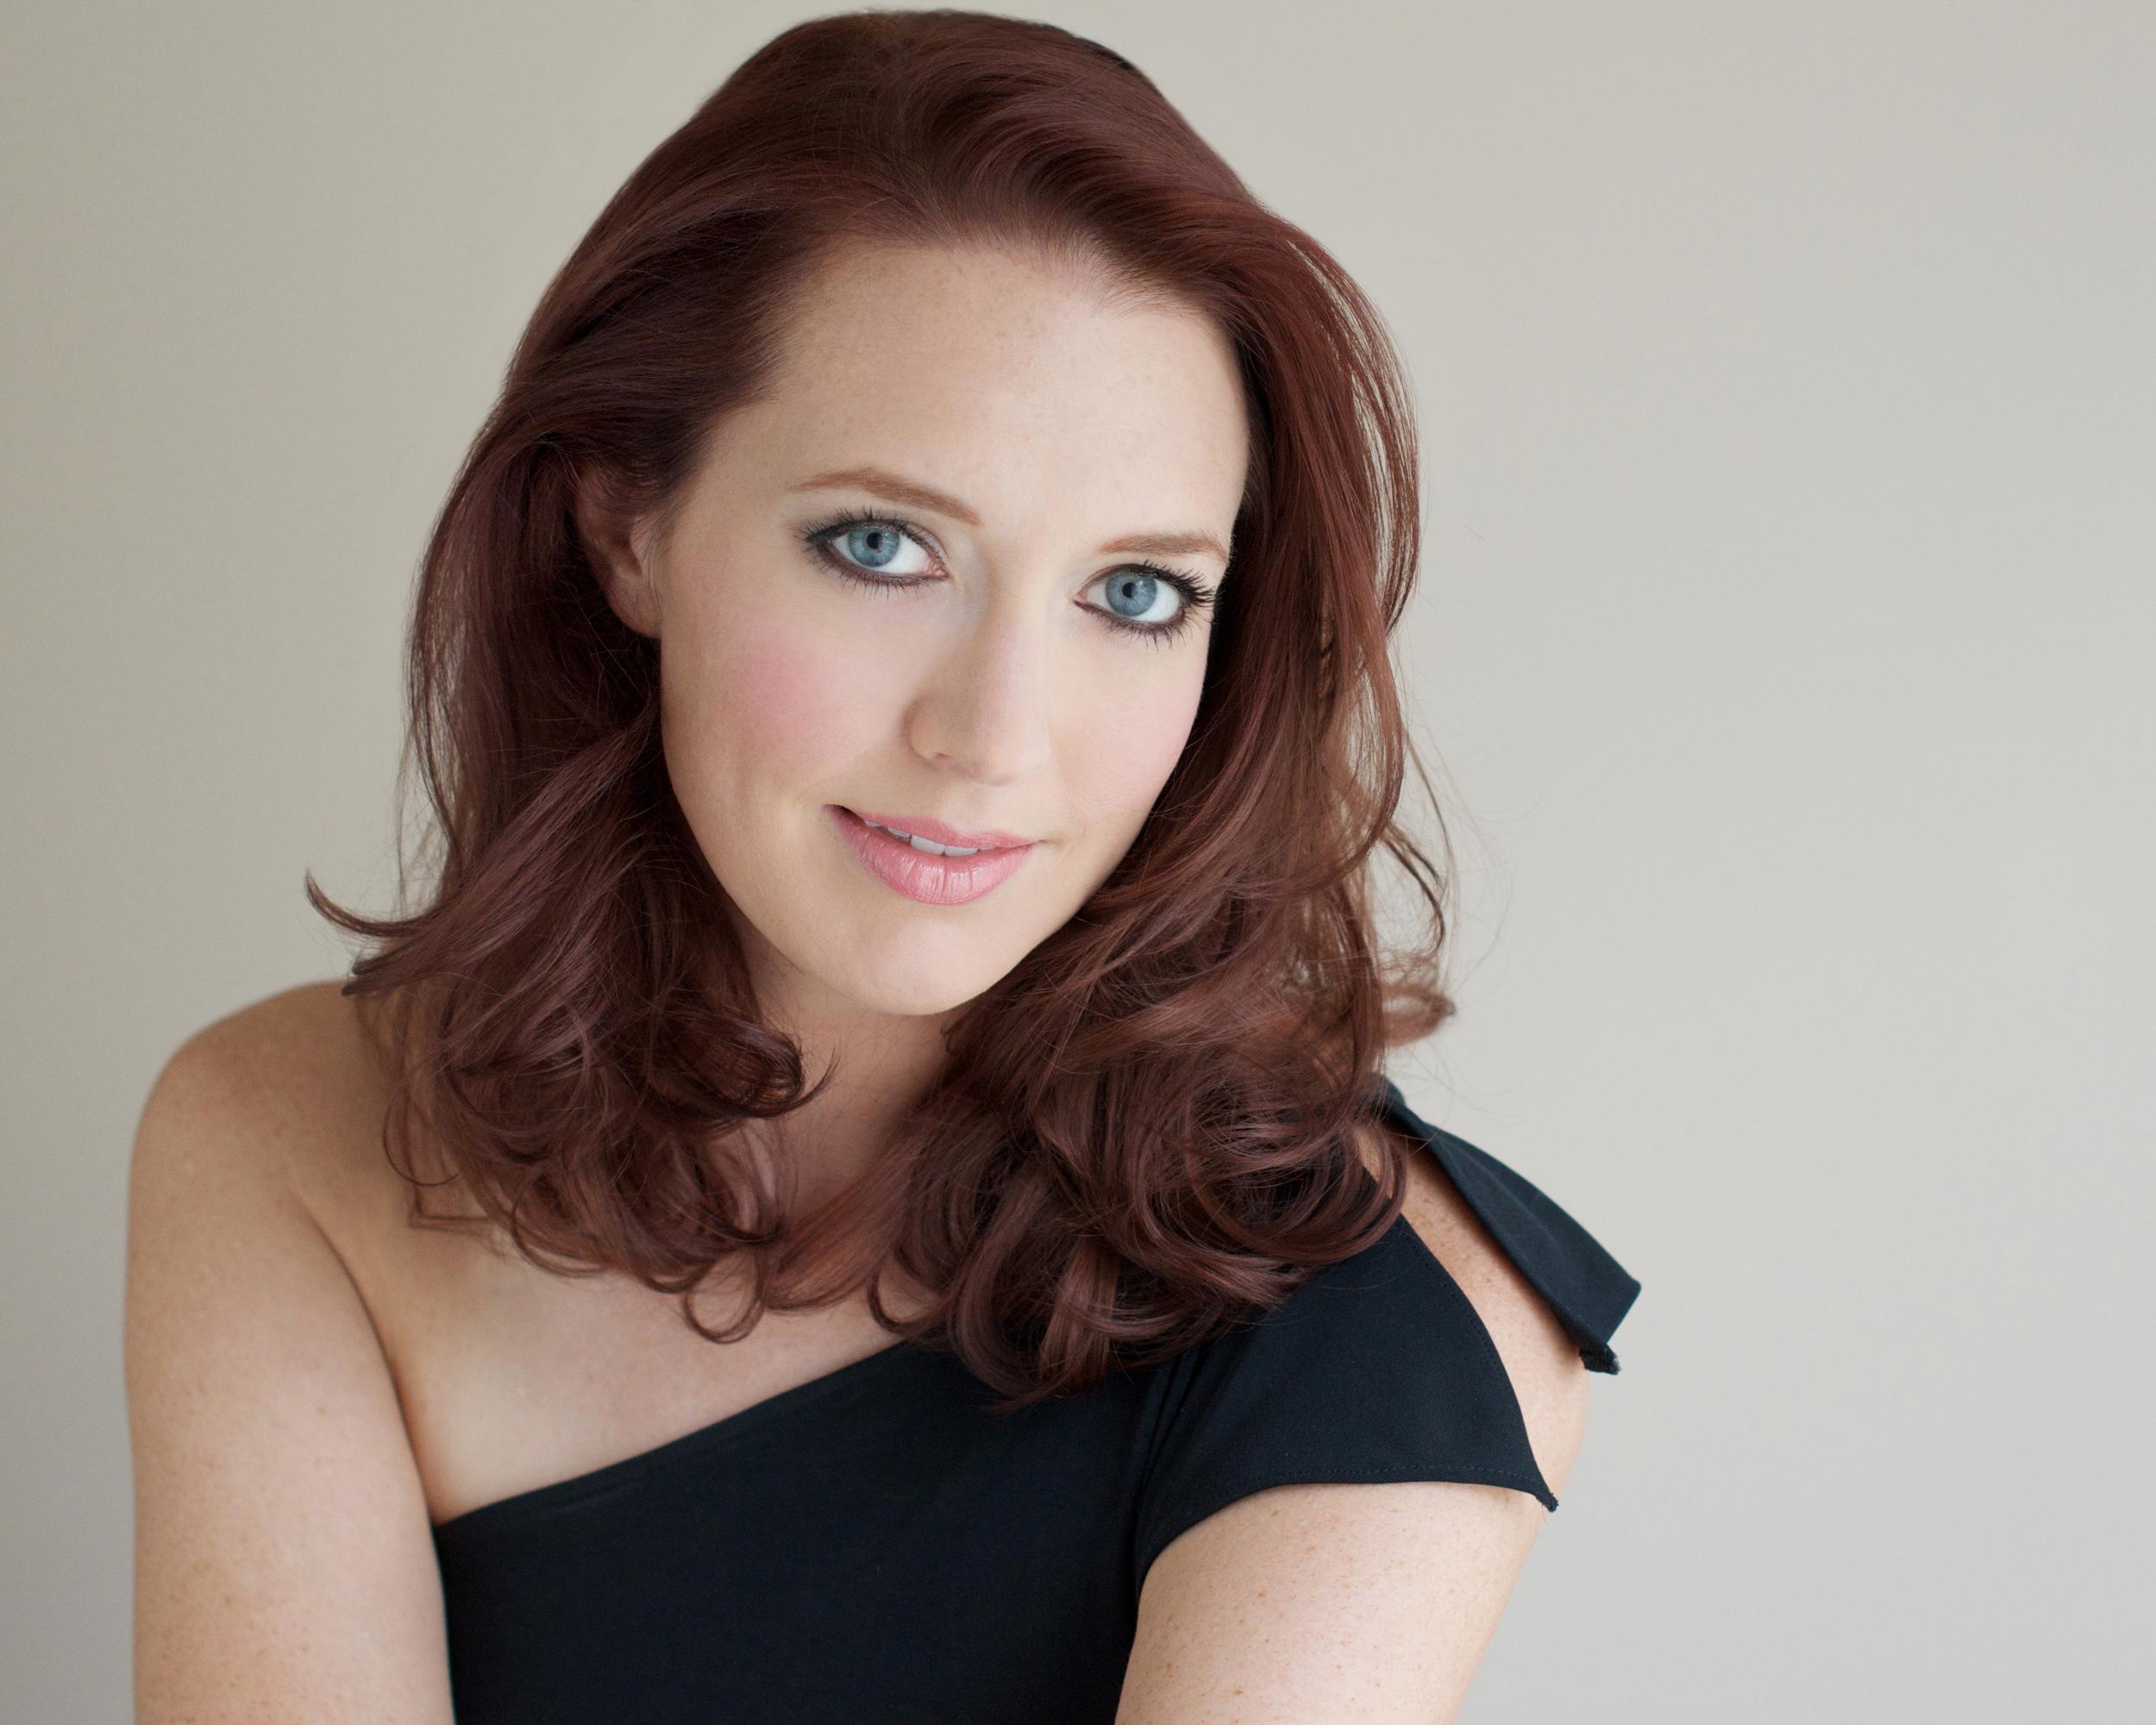 Jessica Renfro, mezzo-soprano, founder of  A Moment for Music